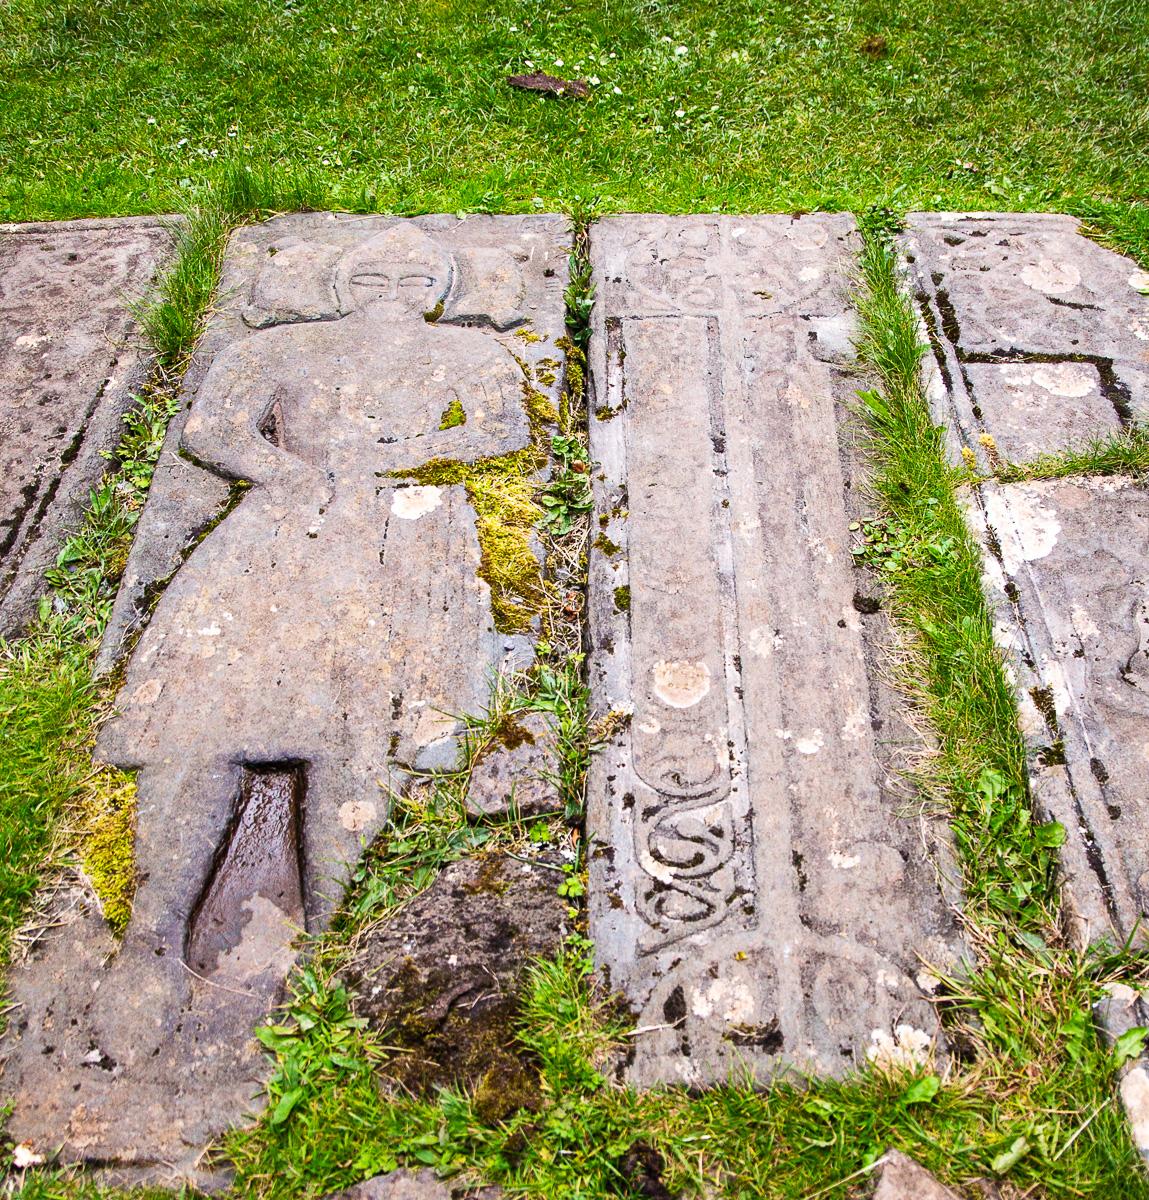 Die Grabsteine bei Kildalton weisen auf die Zeit der Lords of the Isles hin